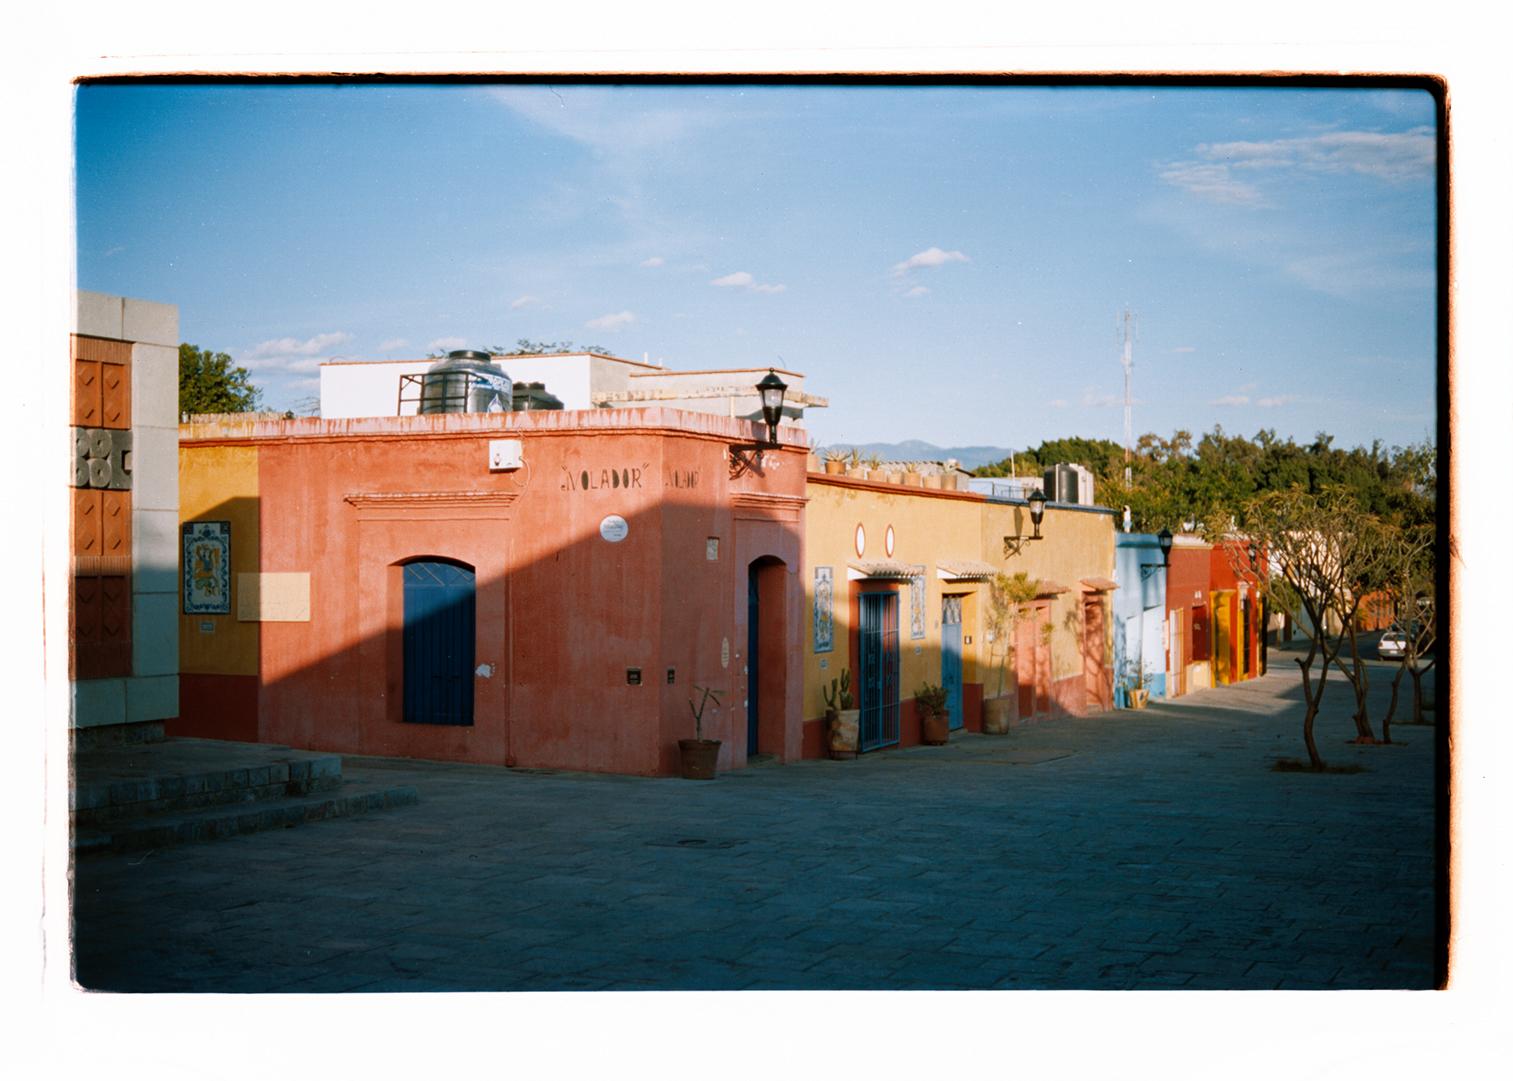 Oaxaca, Laura La Monaca | Collater.al 4